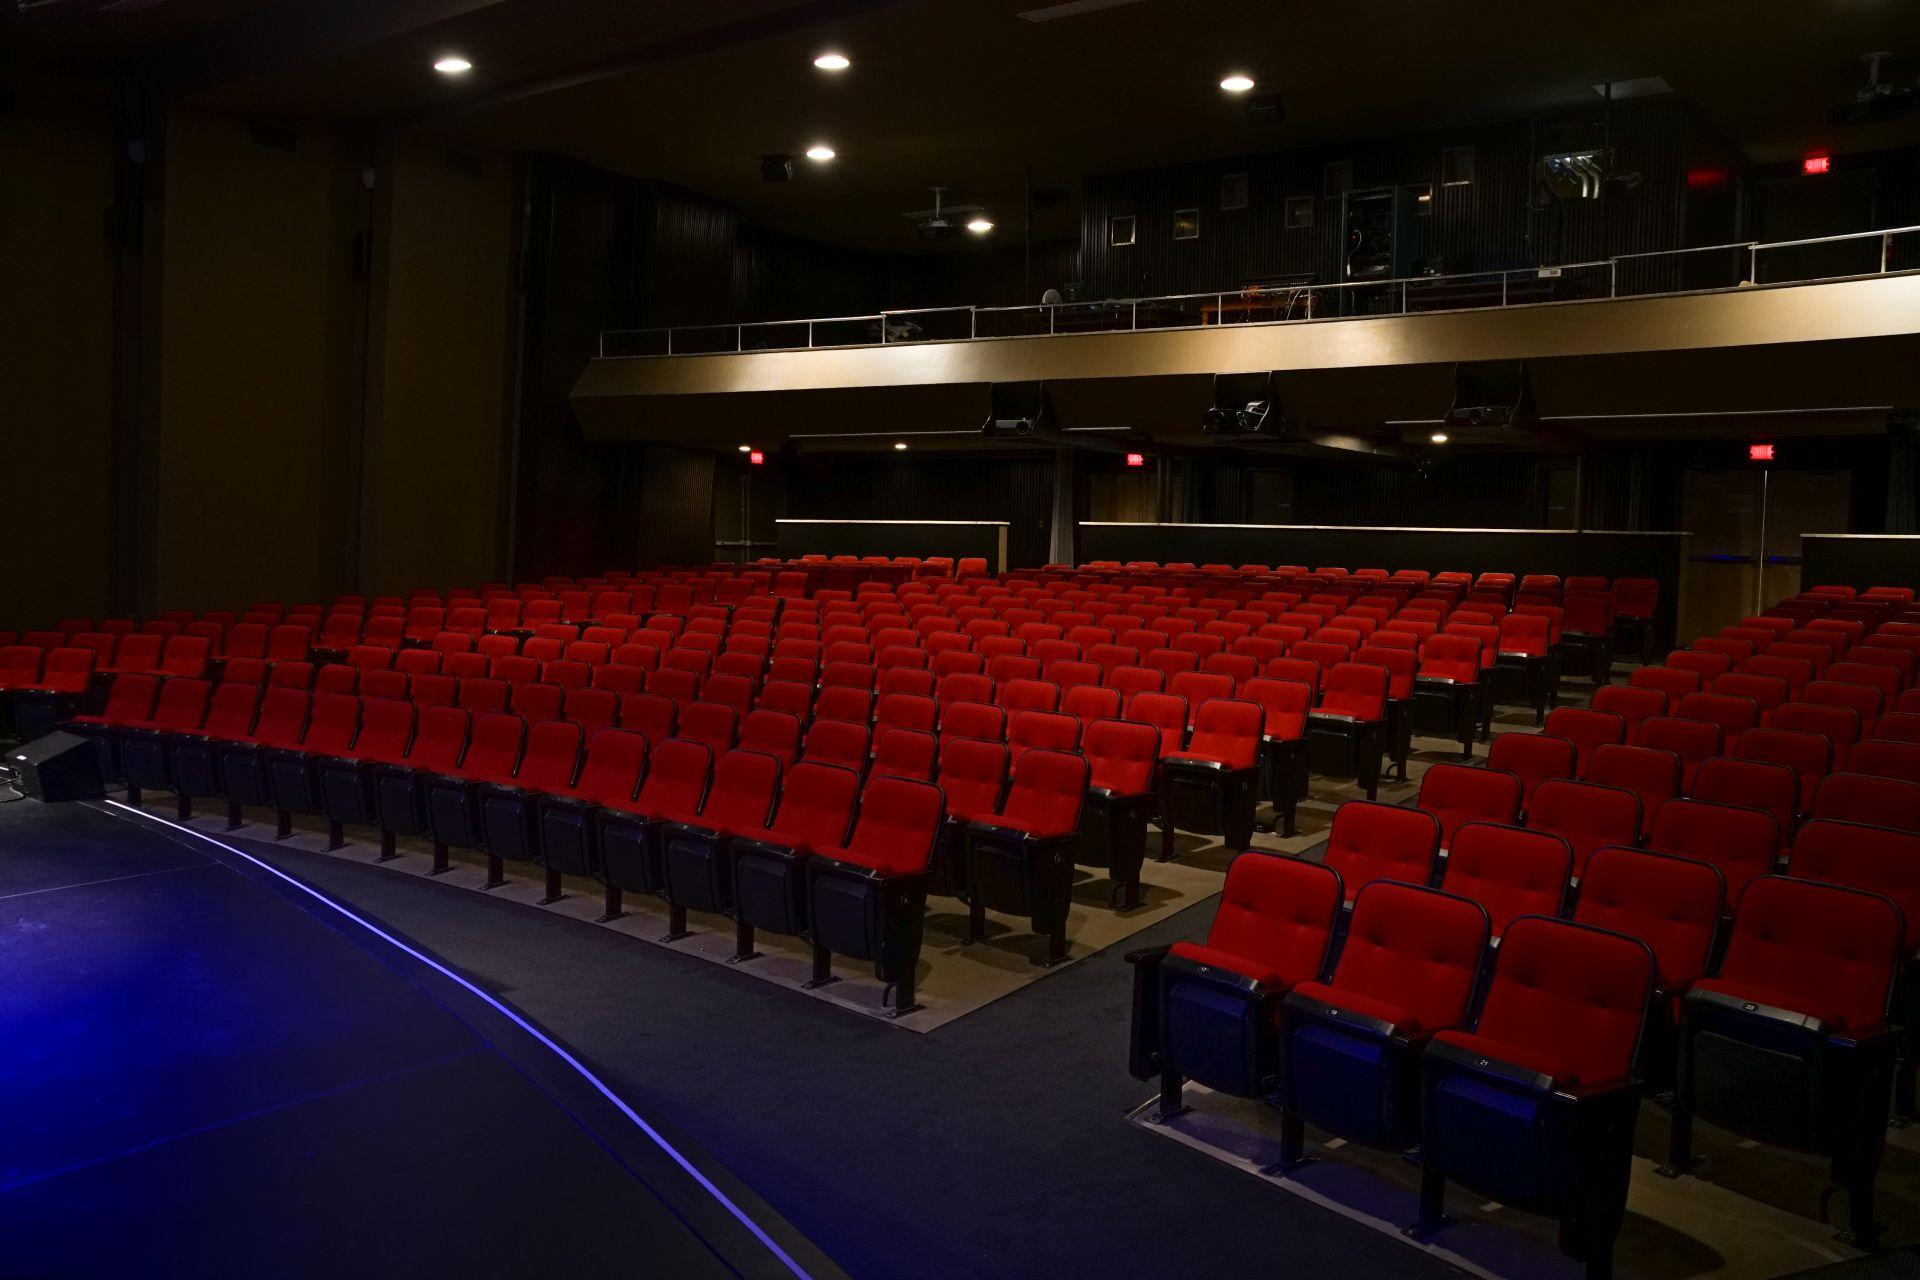 Alsq salles du c gep garneau auditorium cegep garneau for Design d interieur cegep garneau